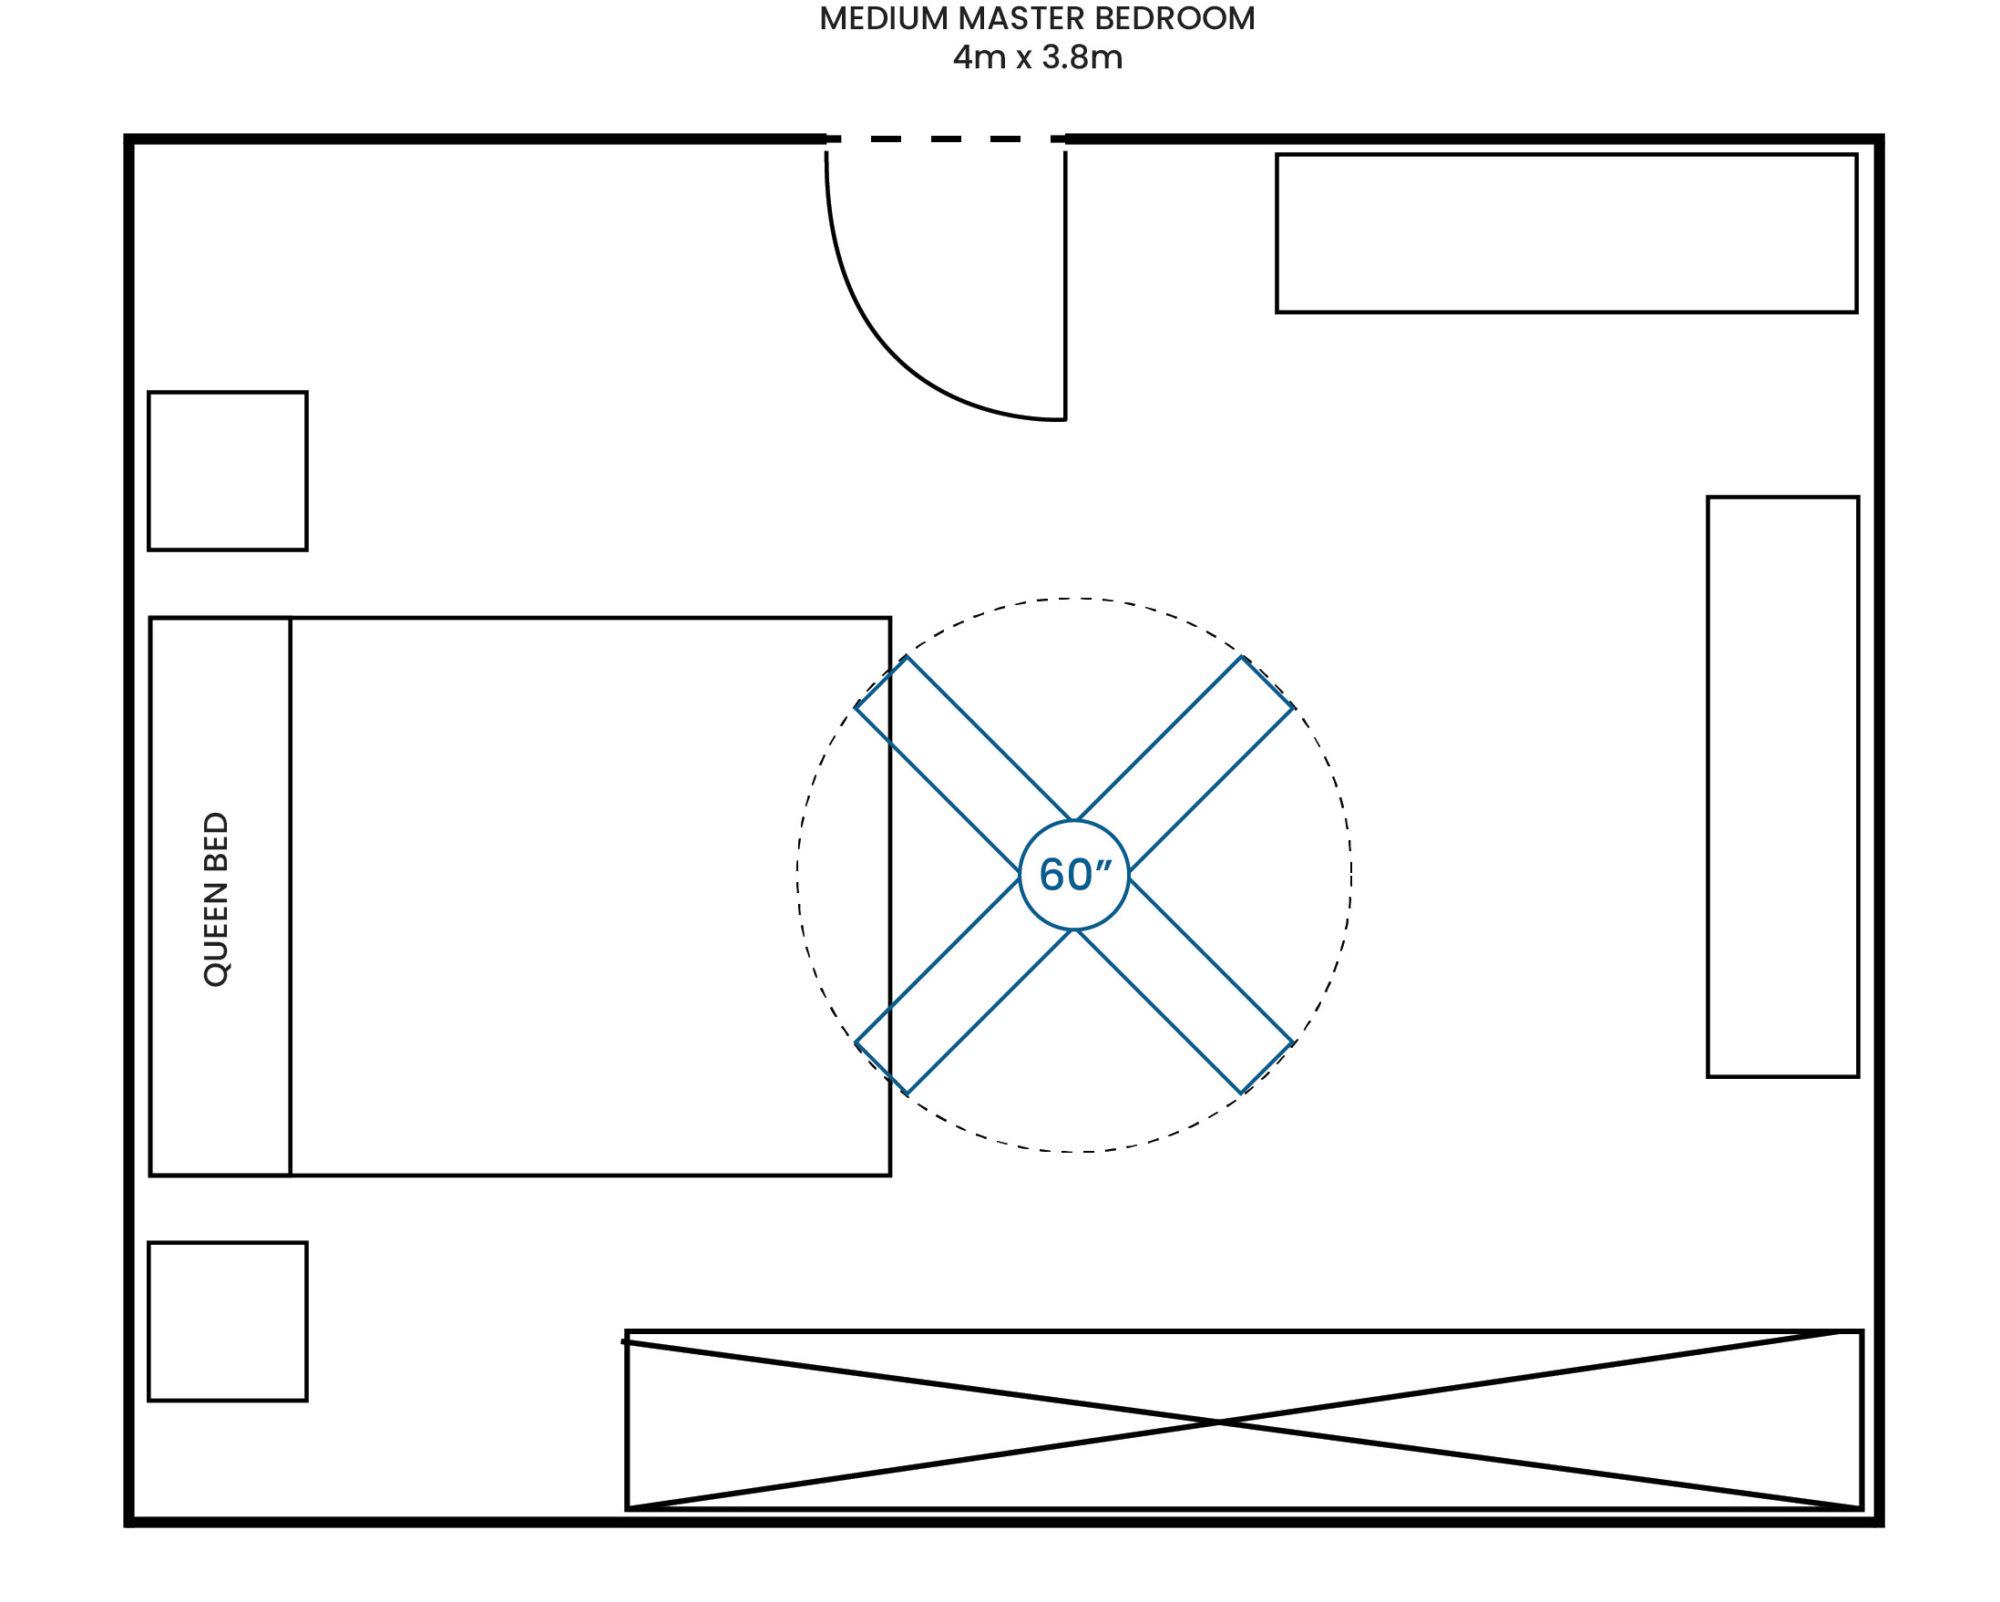 Medium Master Bedroom 400 380 60F